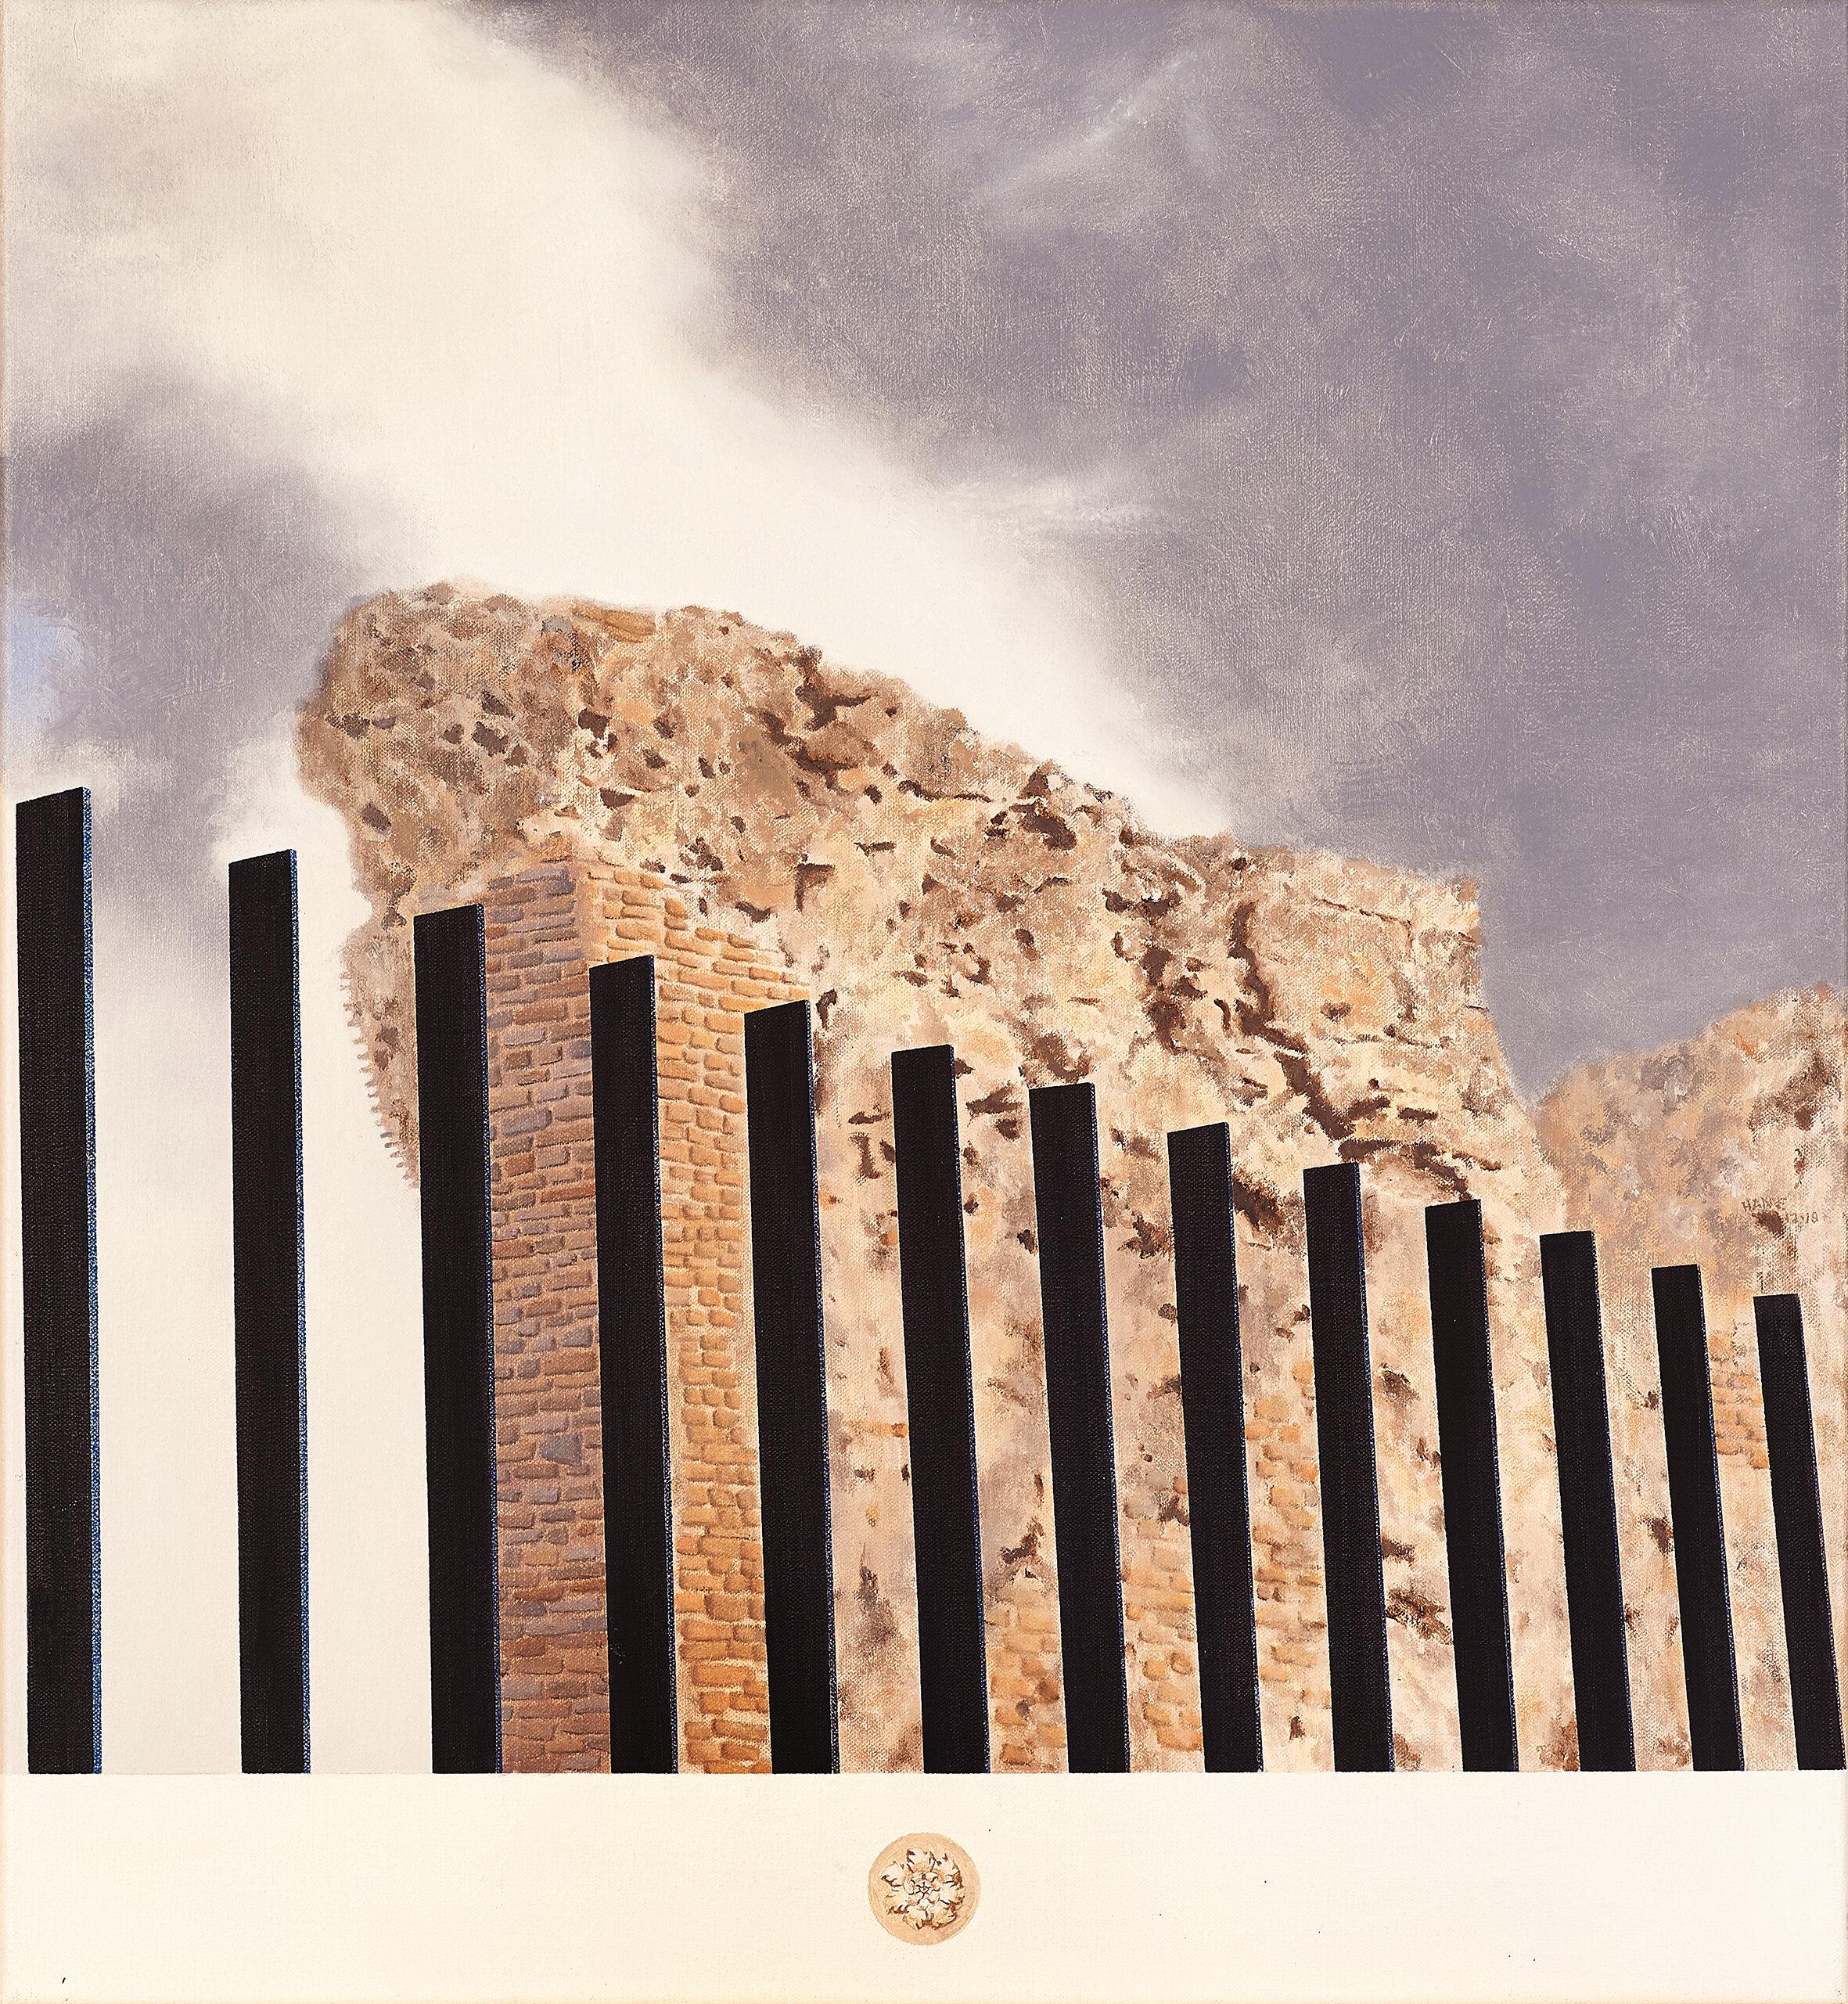 Anfiteatro, Larino  2019 Olio su lino, 60 x 55 cm € 1,325